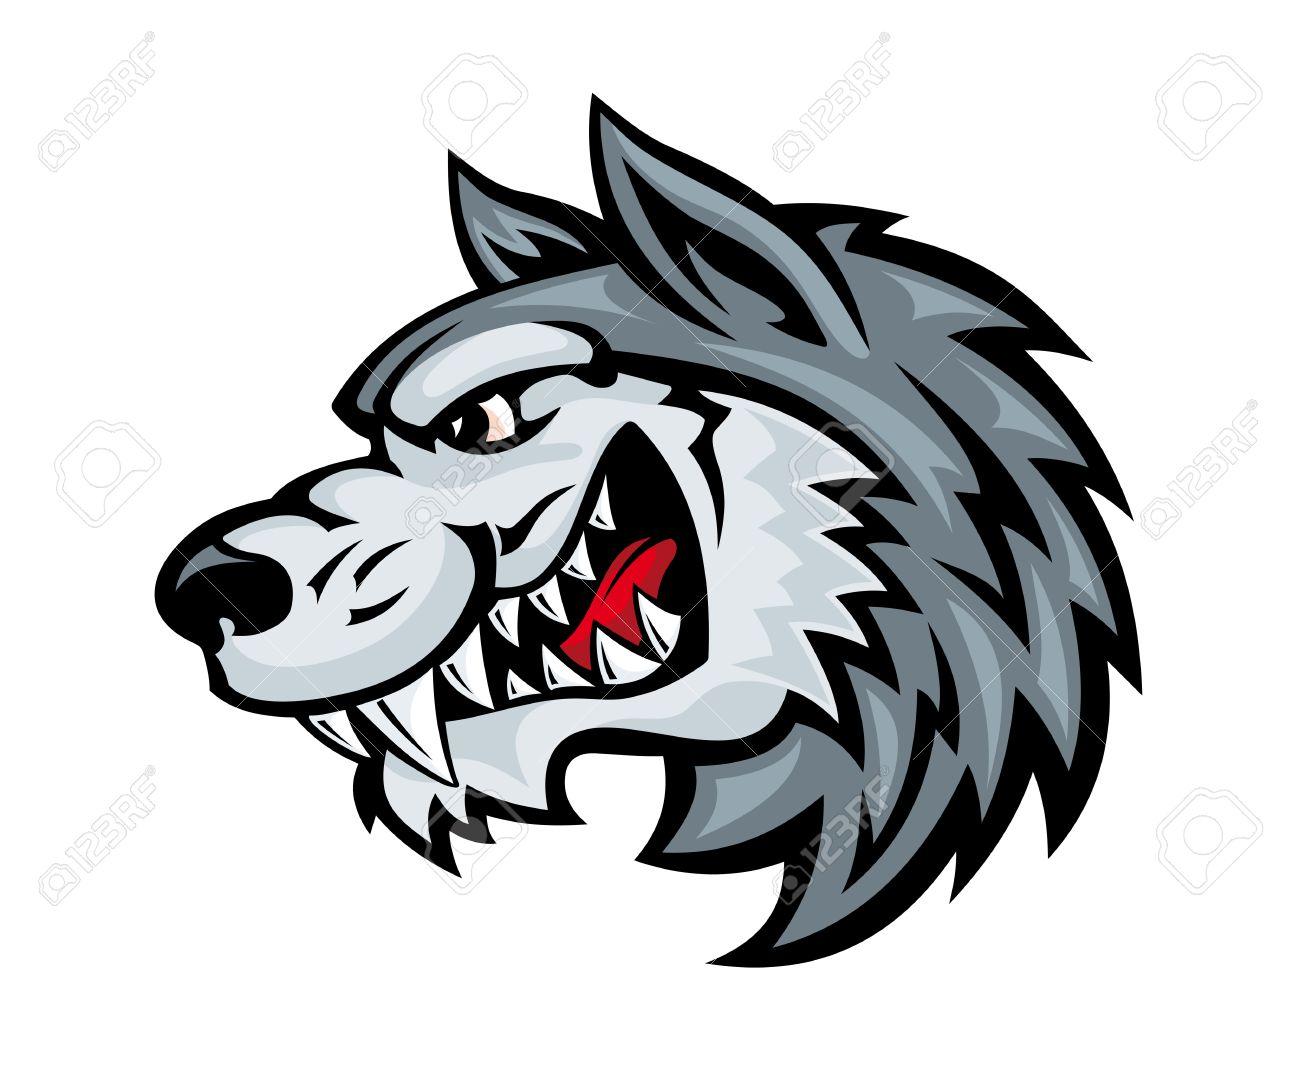 Cabeza De Lobo Enojado De Dibujos Animados Aislado En El Fondo